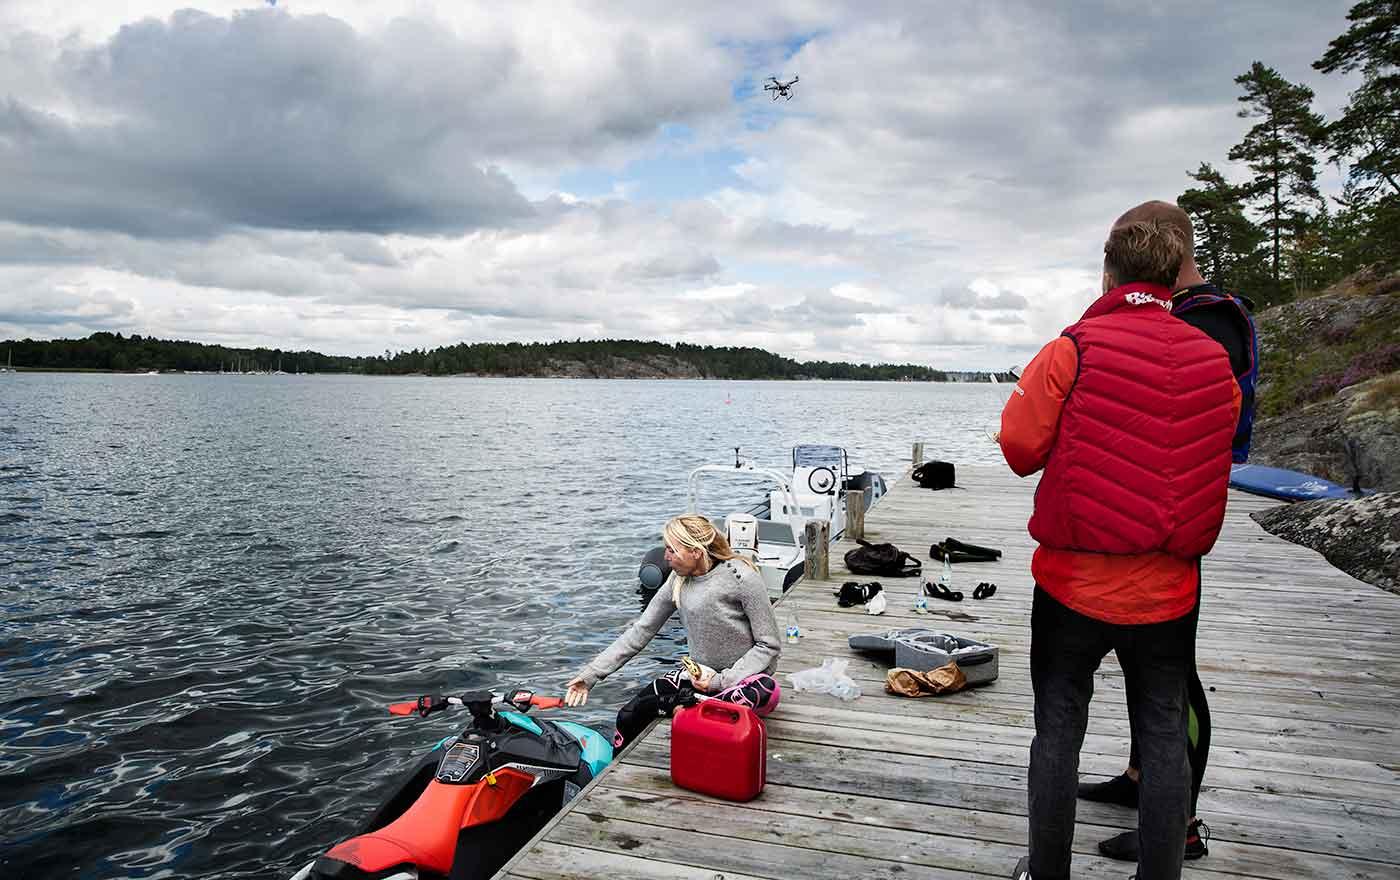 13.00 Ånej, mobilen! Lunch på närmaste brygga och påfyllning av diesel. Mikael Mahlberg som är redaktör och fotograf, inser att hans mobil, som legat ovanför ratten, nu befinner sig på havets botten.